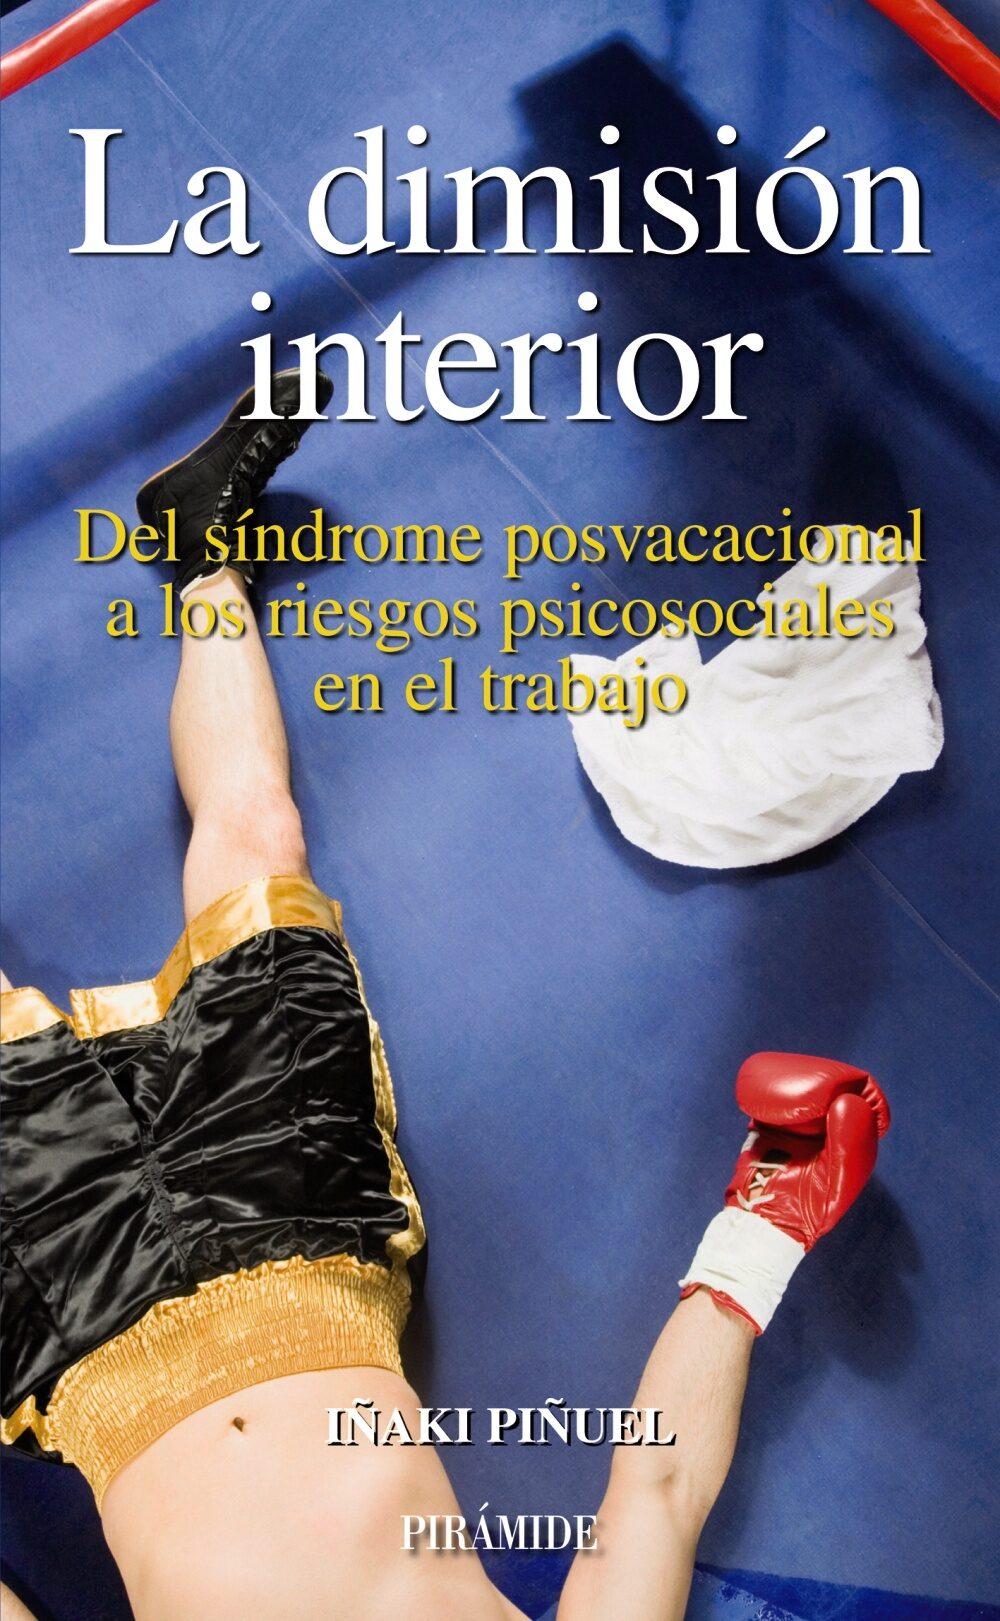 La Dimision Interior: Del Sindrome Posvacacional A Los Riesgos Ps Icosociales En El Trabajo por Iñaki Piñuel Y Zabala Gratis